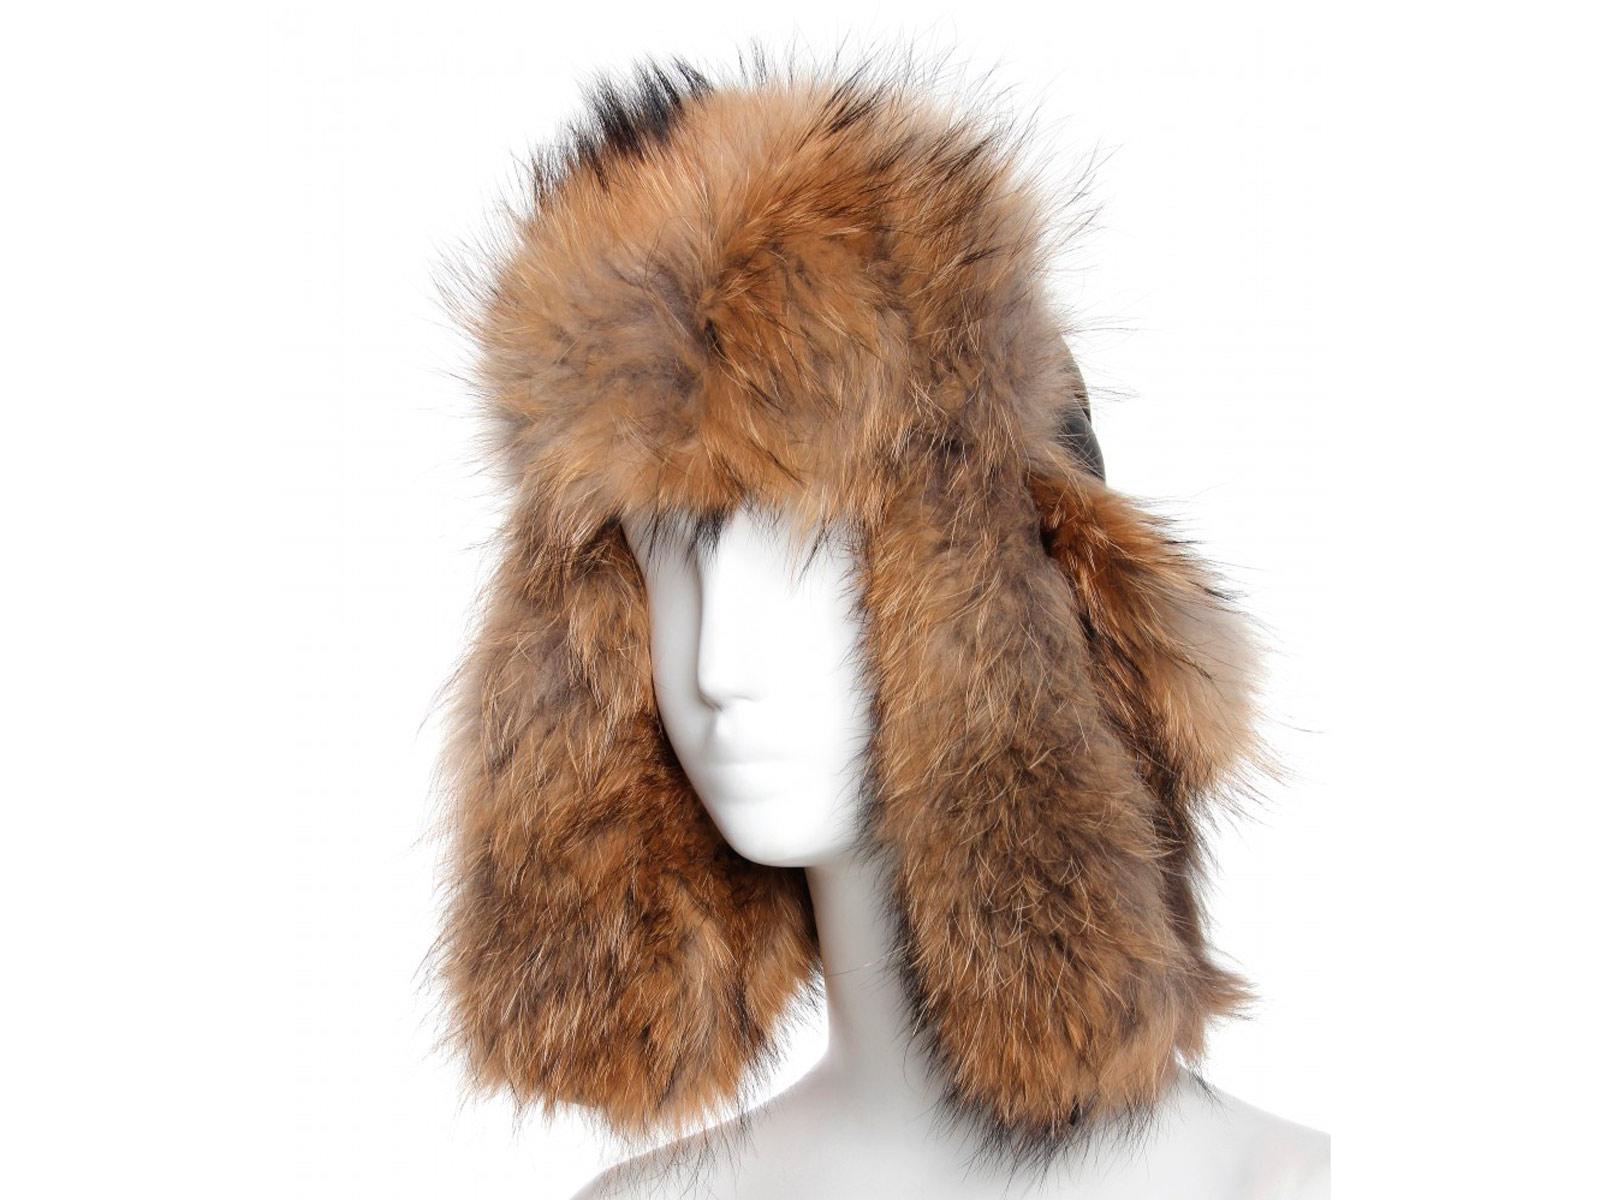 Шапка,    Moncler  www.mytheresa.com цена  31 000 руб.